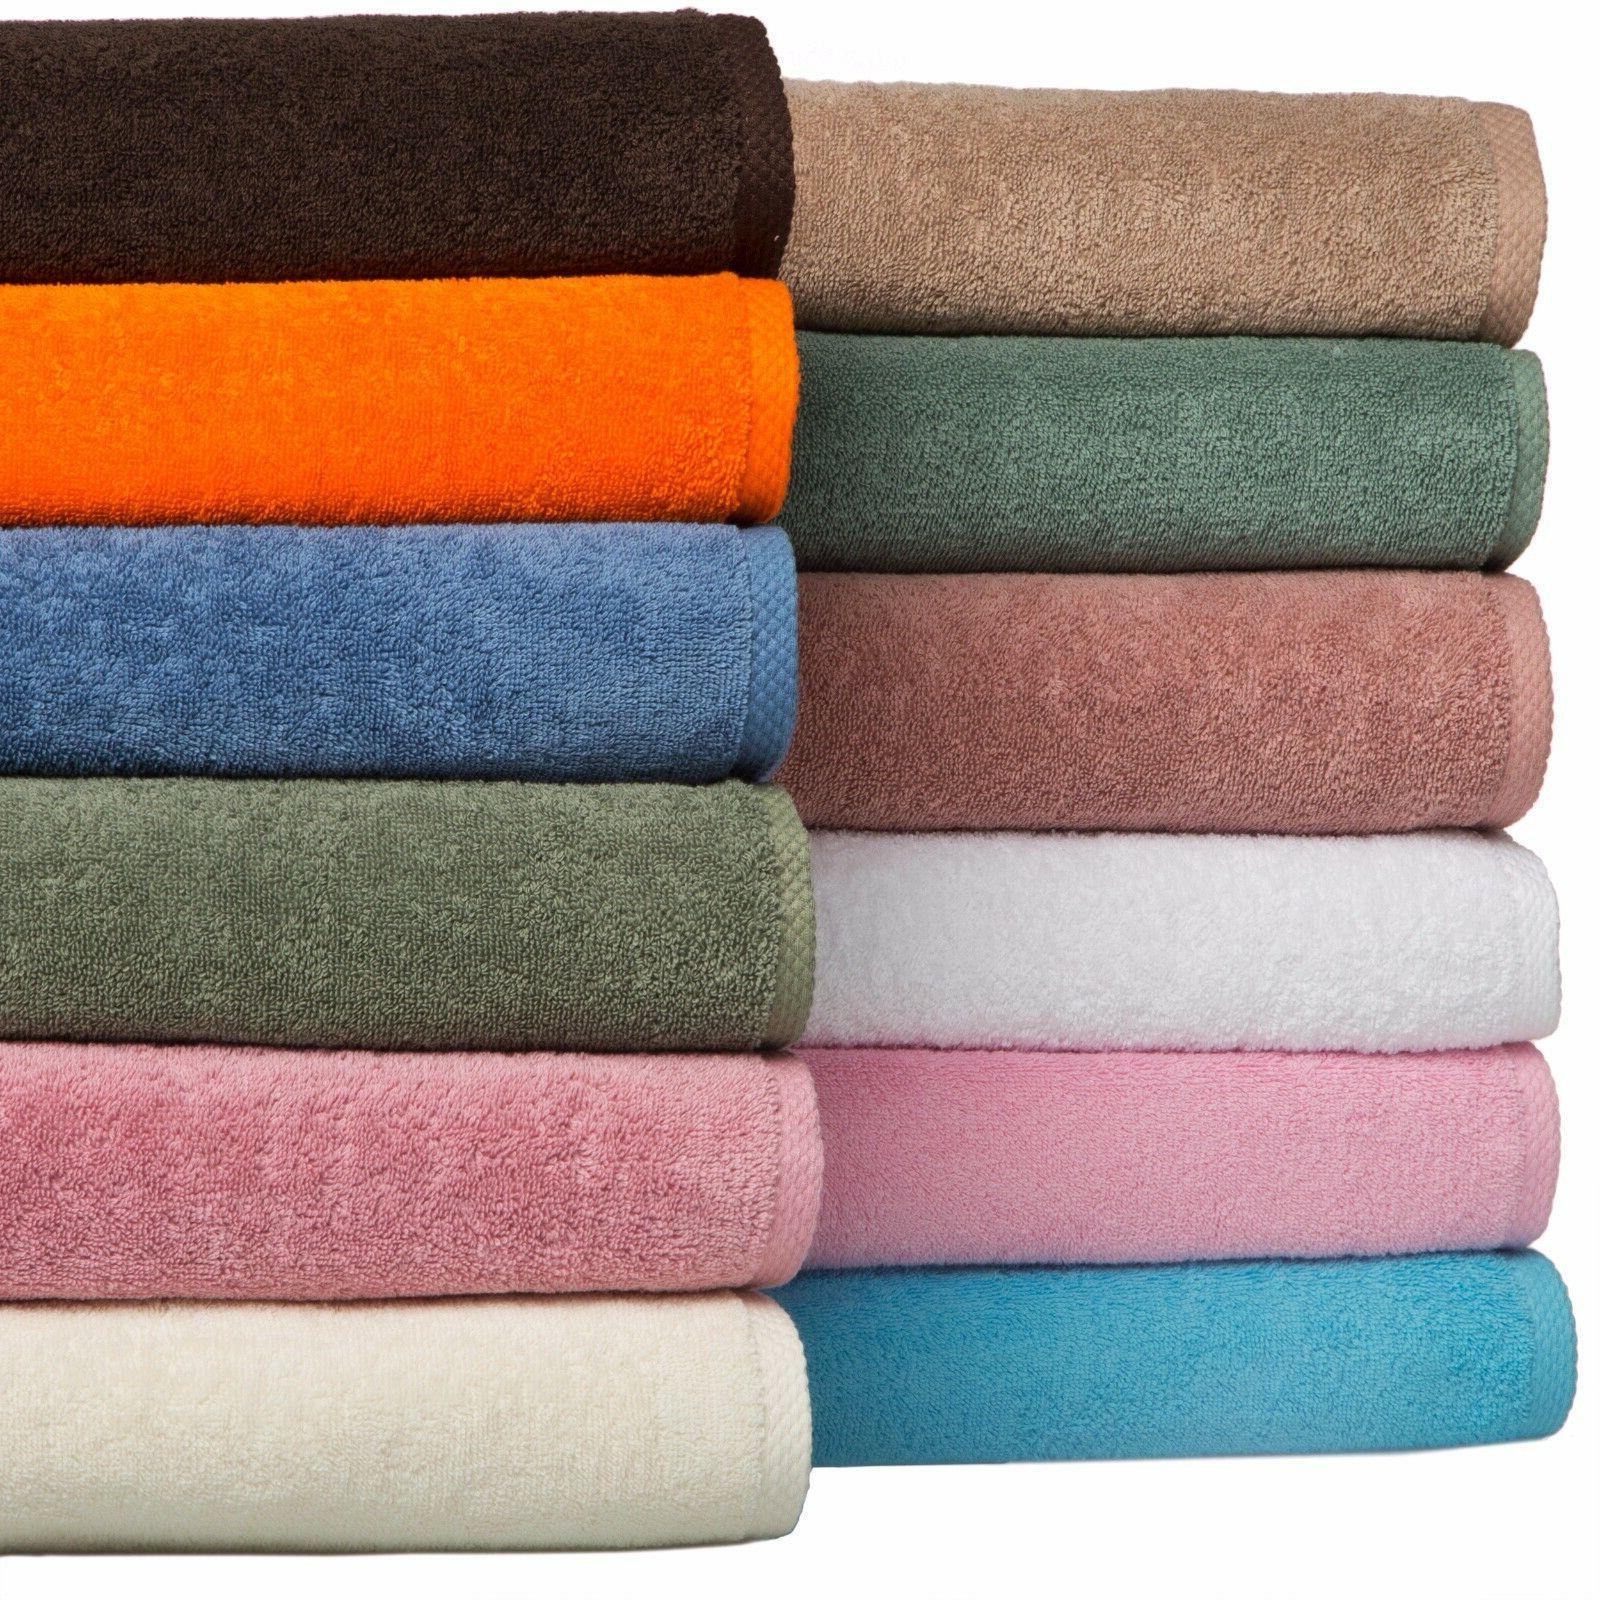 Bath & Towel Set Turkish Cotton Towels 8 Premium Quick Dry